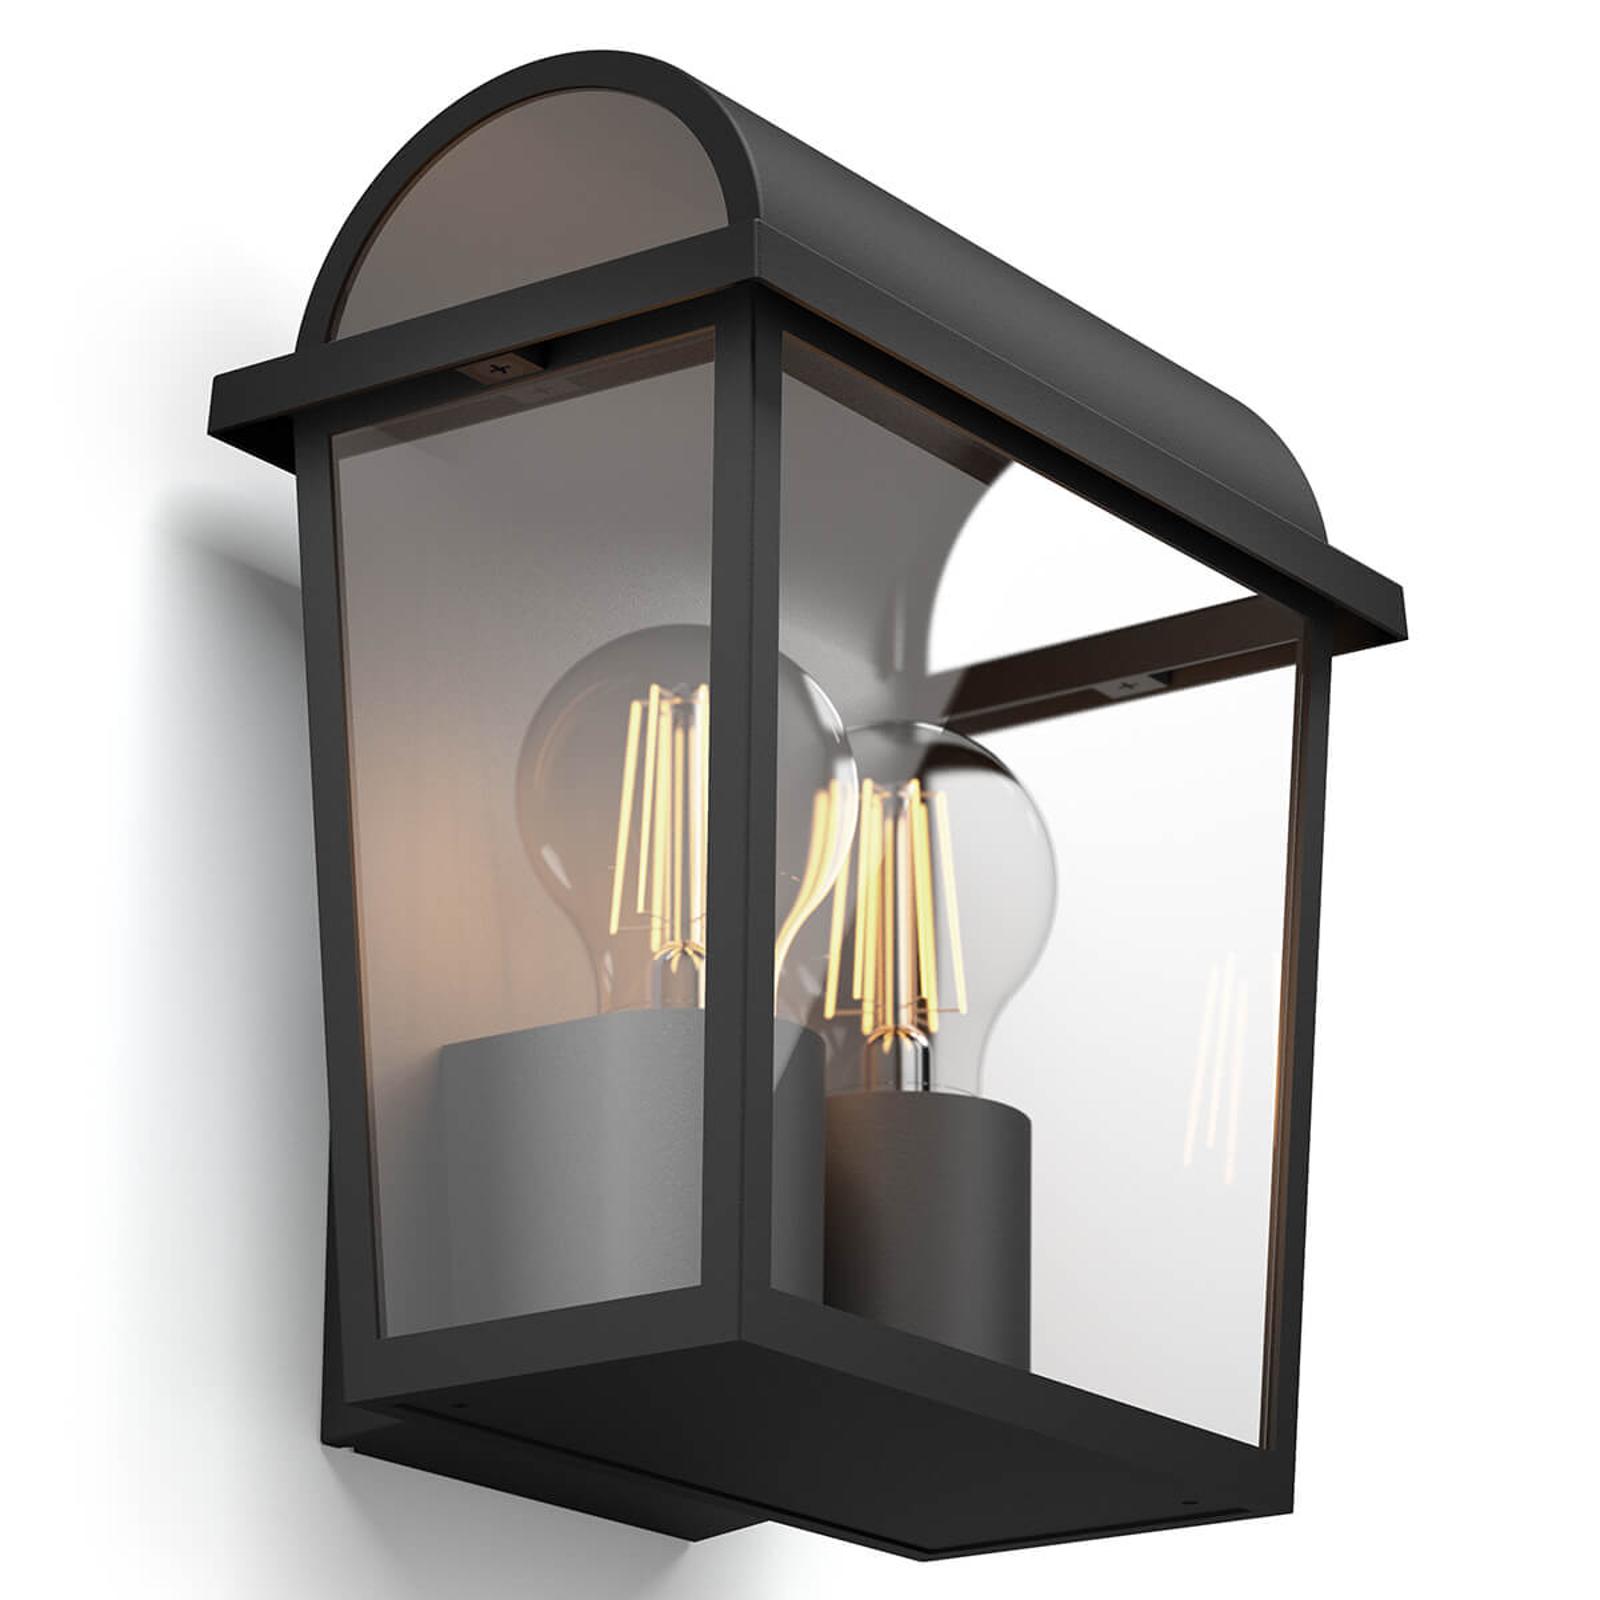 Philips myGarden Harvest schwarze Außenwandlampe